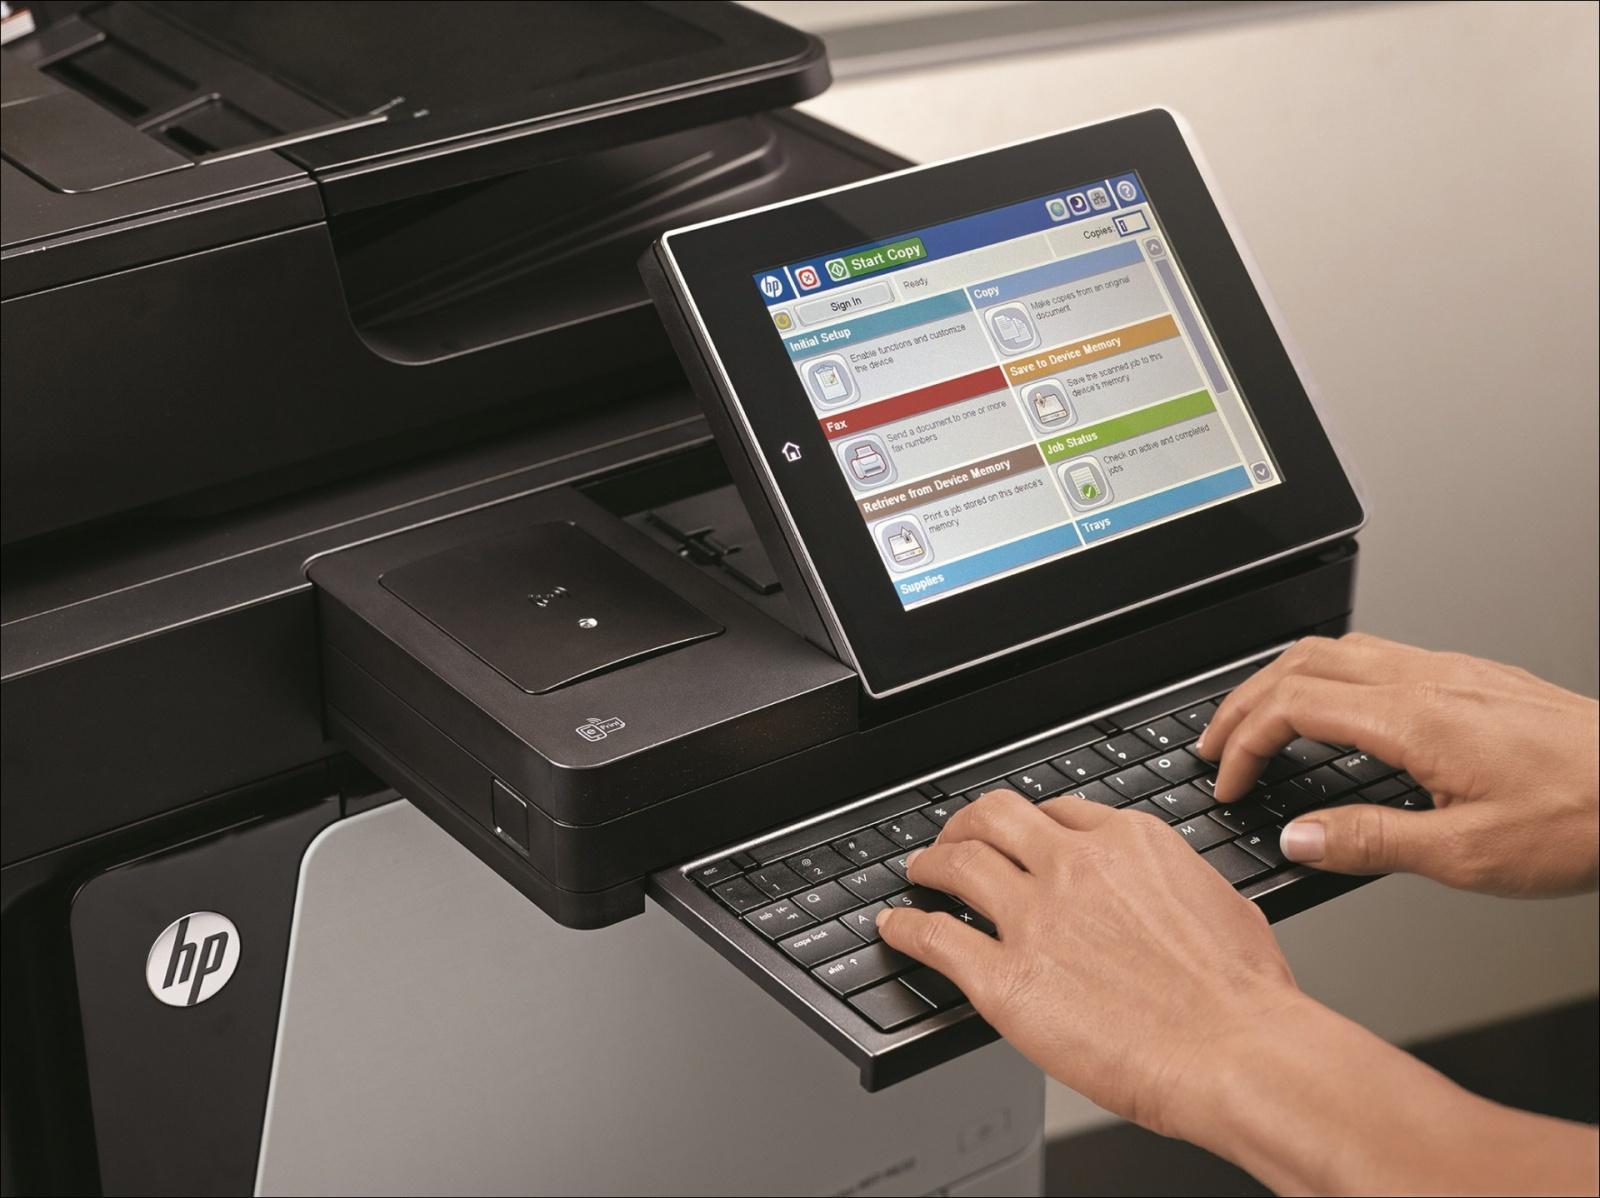 Принтер — находка для шпиона. Как сделать печать в компании безопасным и экономичным процессом - 3